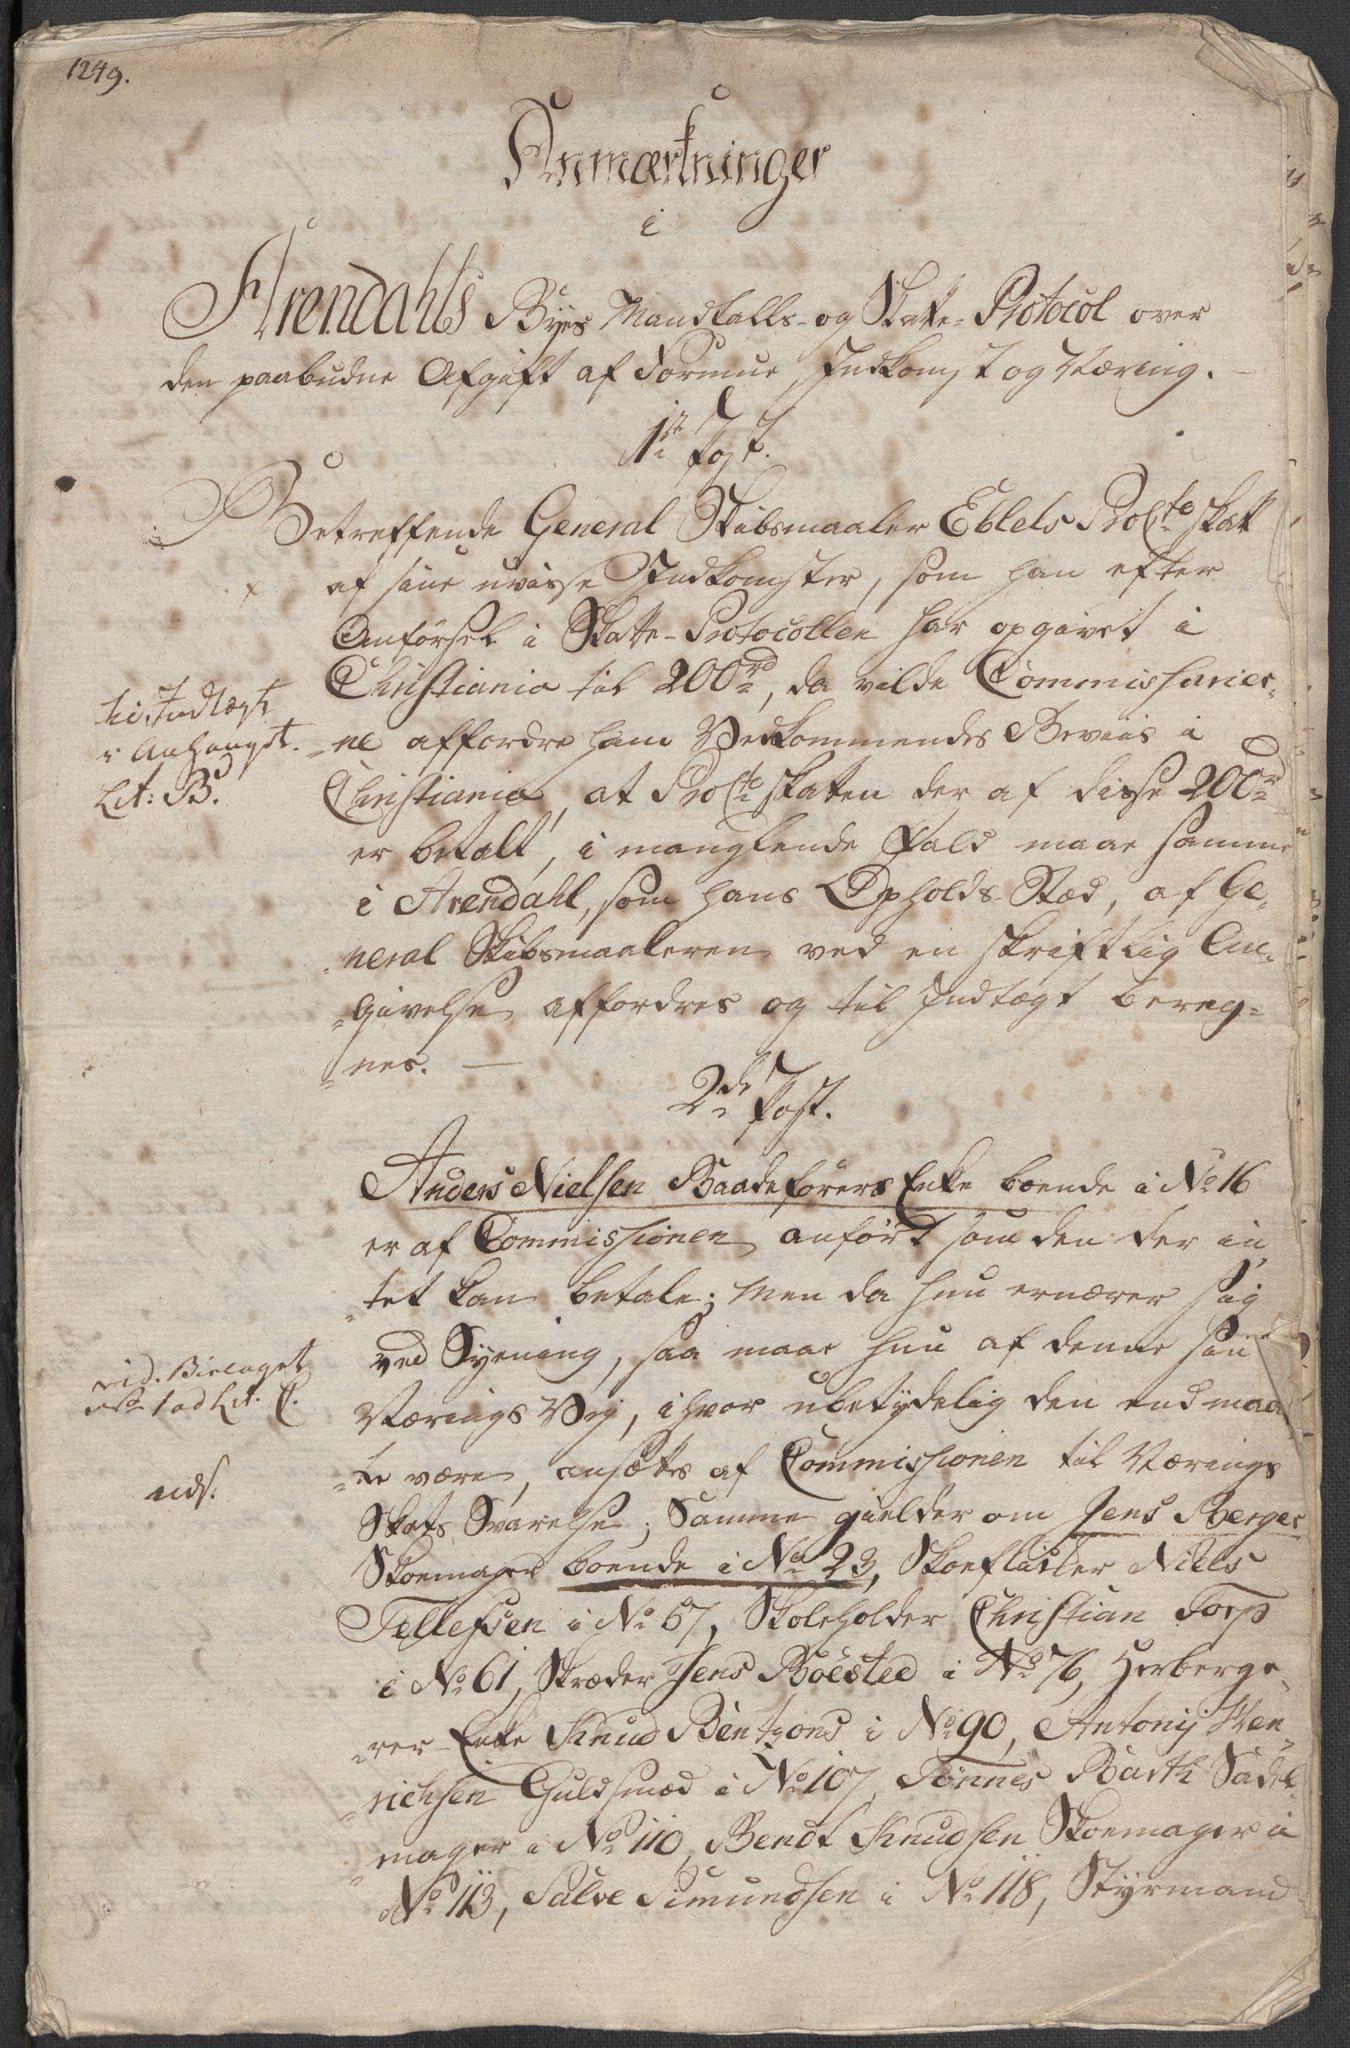 RA, Rentekammeret inntil 1814, Reviderte regnskaper, Mindre regnskaper, Rf/Rfe/L0002: Arendal. Bergen, 1789, s. 311